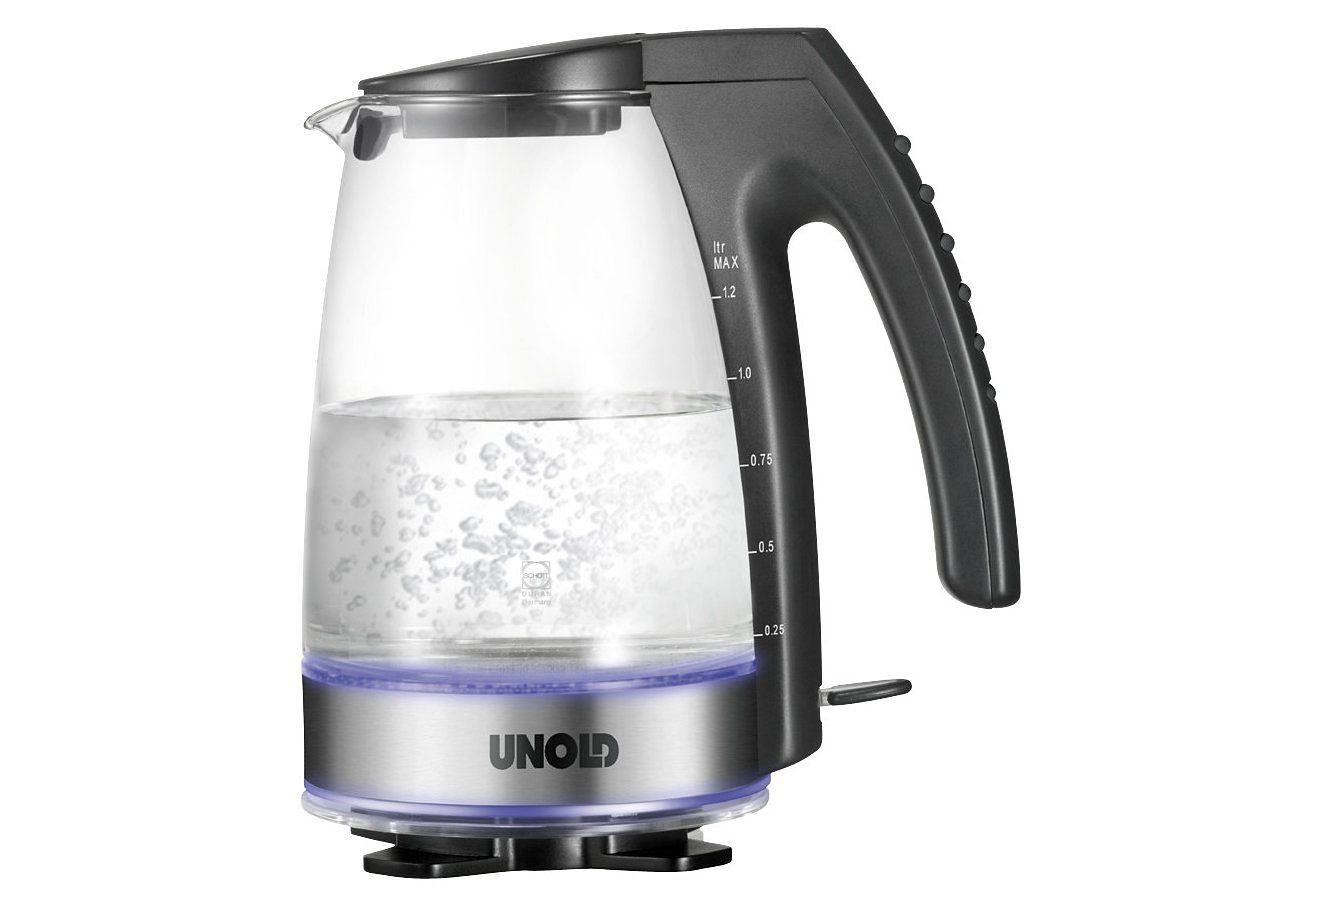 Unold Wasserkocher Glas-18590, 1,2 l, 2300 W